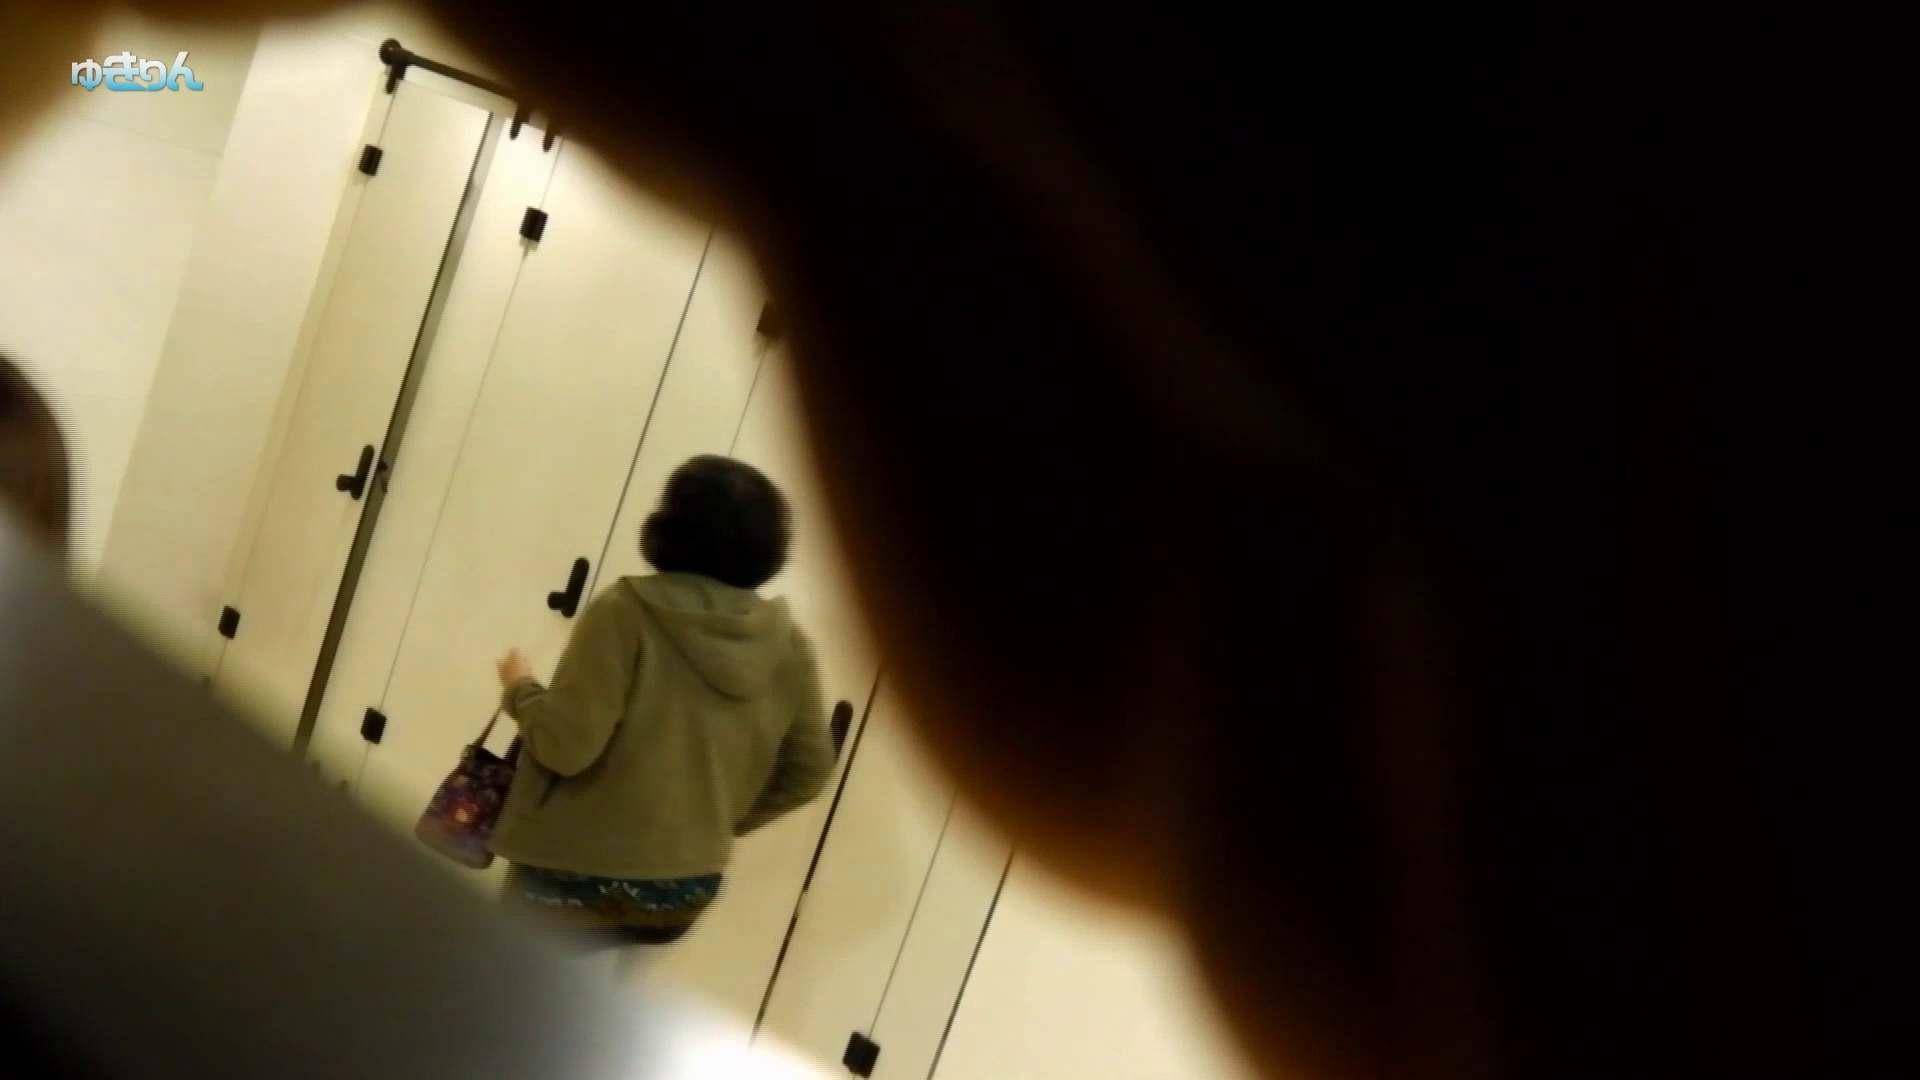 新世界の射窓 No81 制月反さん登場!! 丸見え われめAV動画紹介 89枚 75